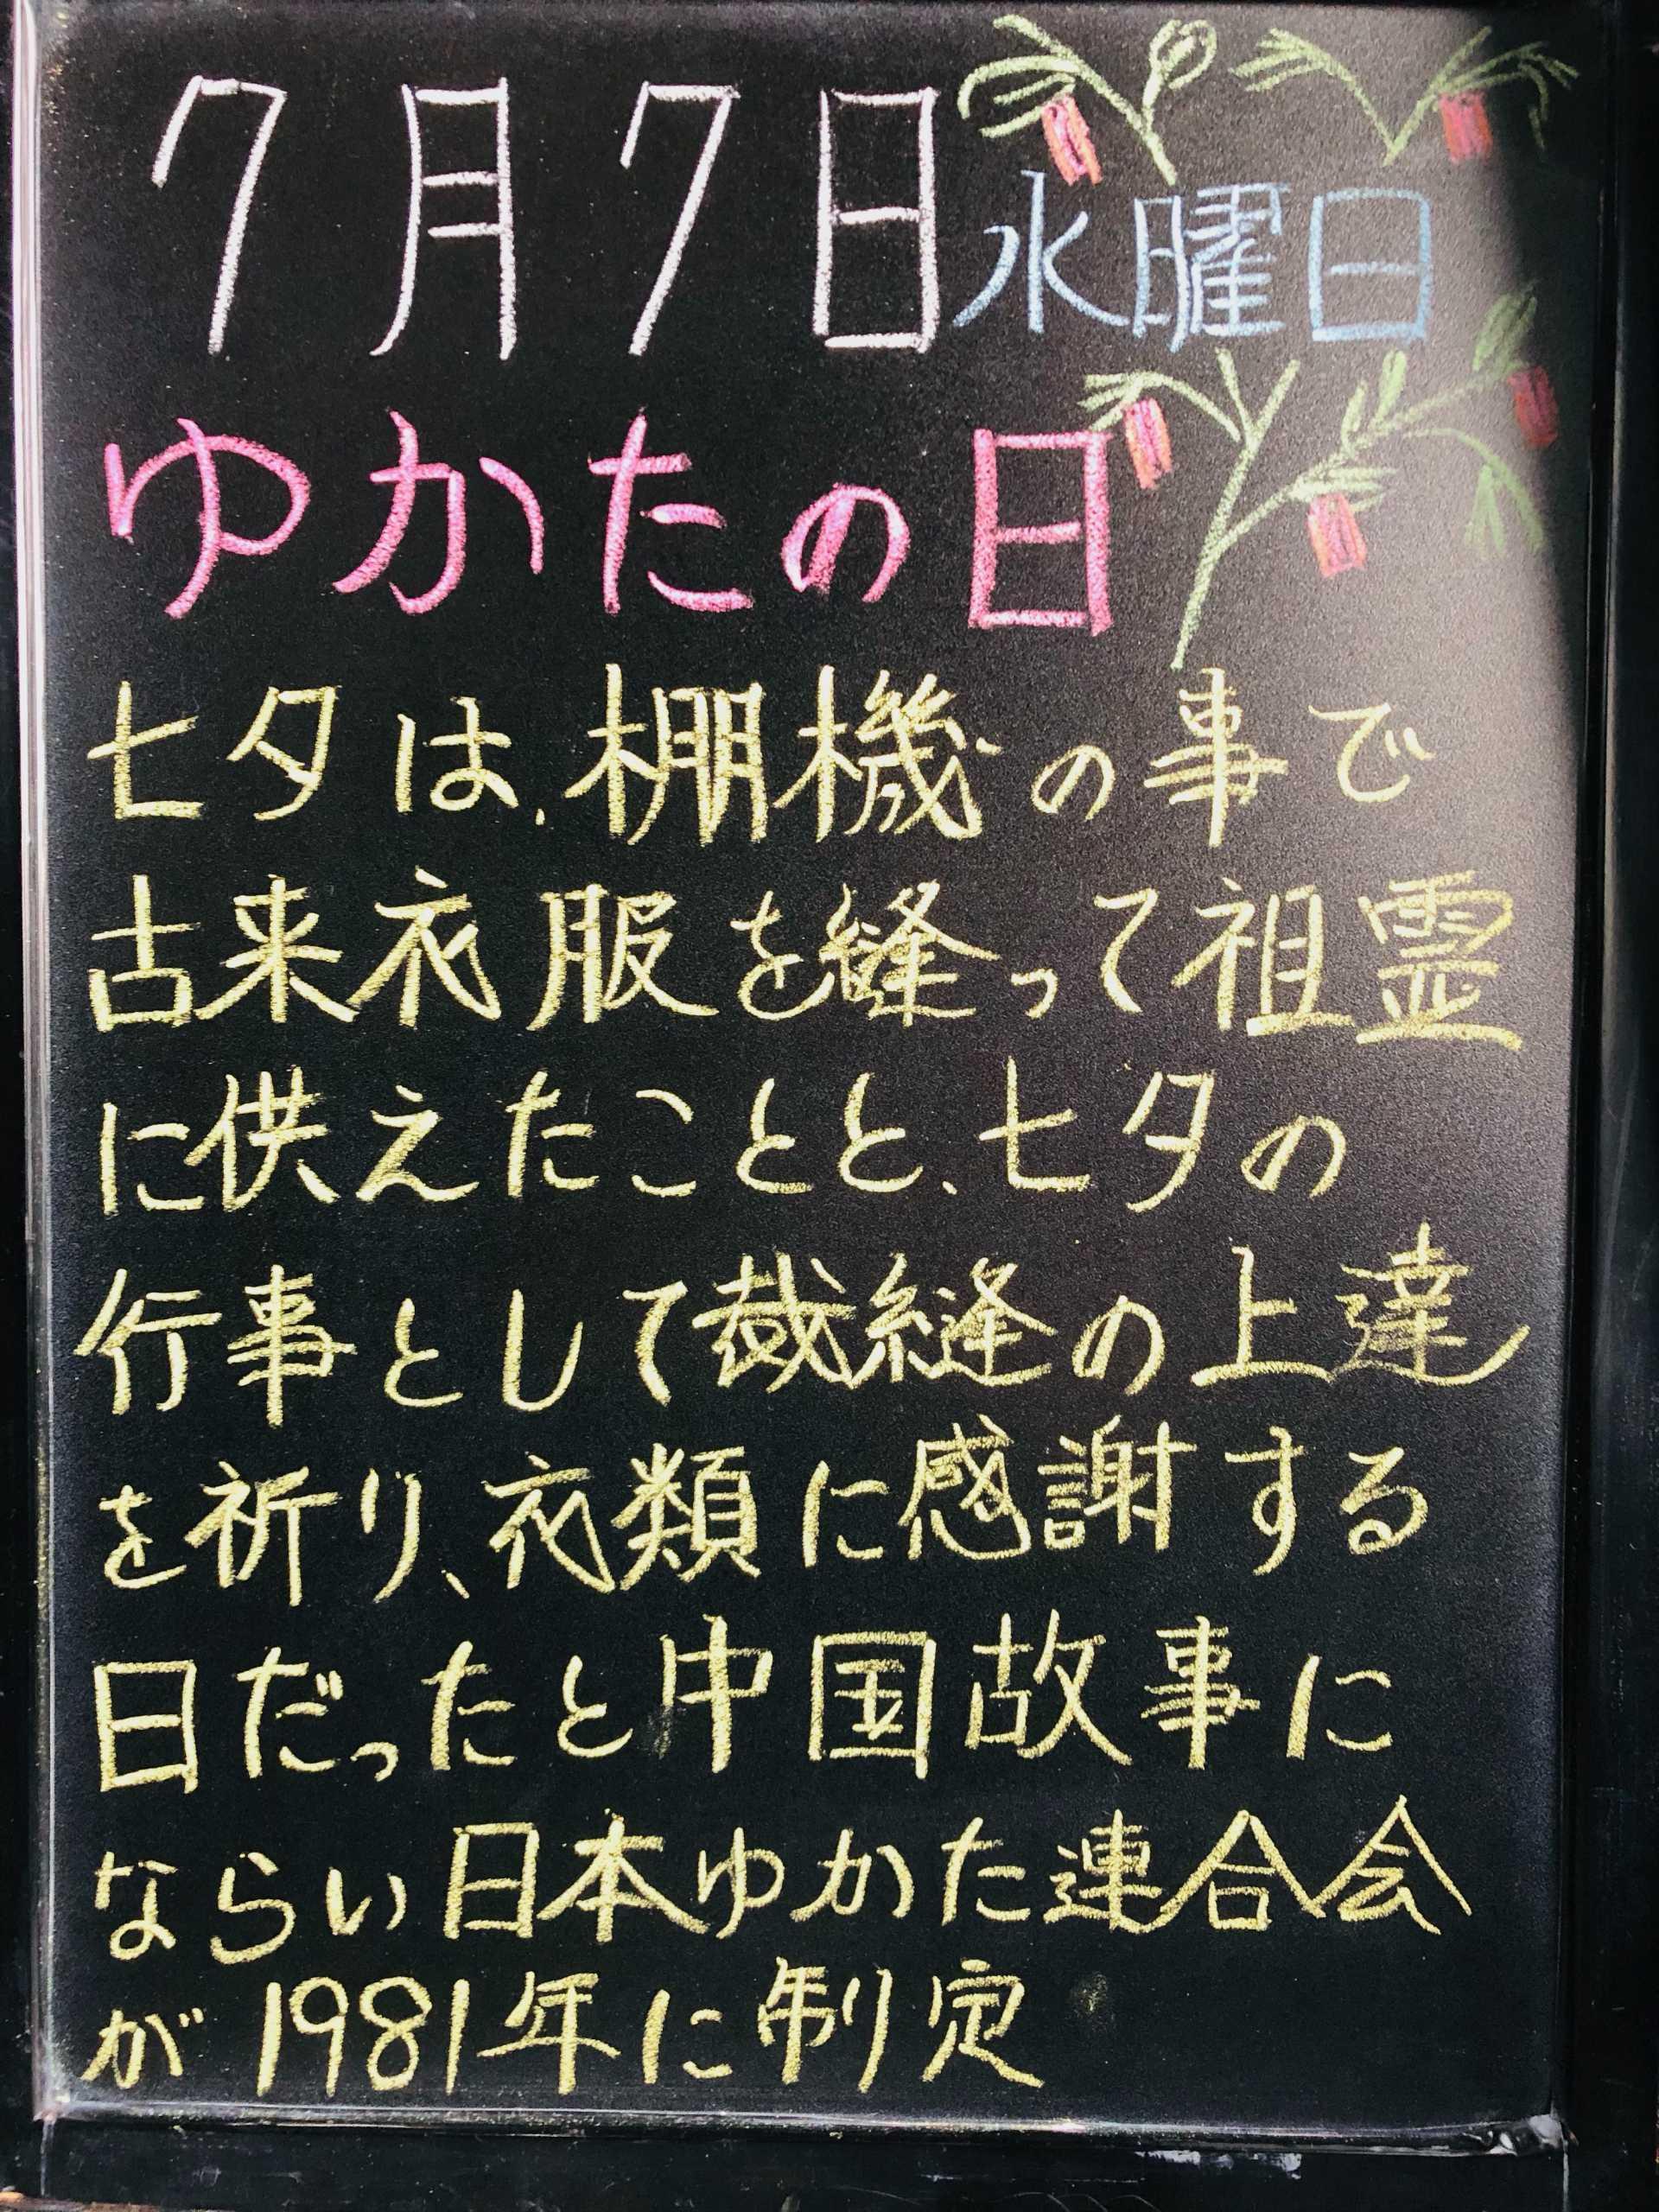 【イベント】2Nd House 七夕イベント